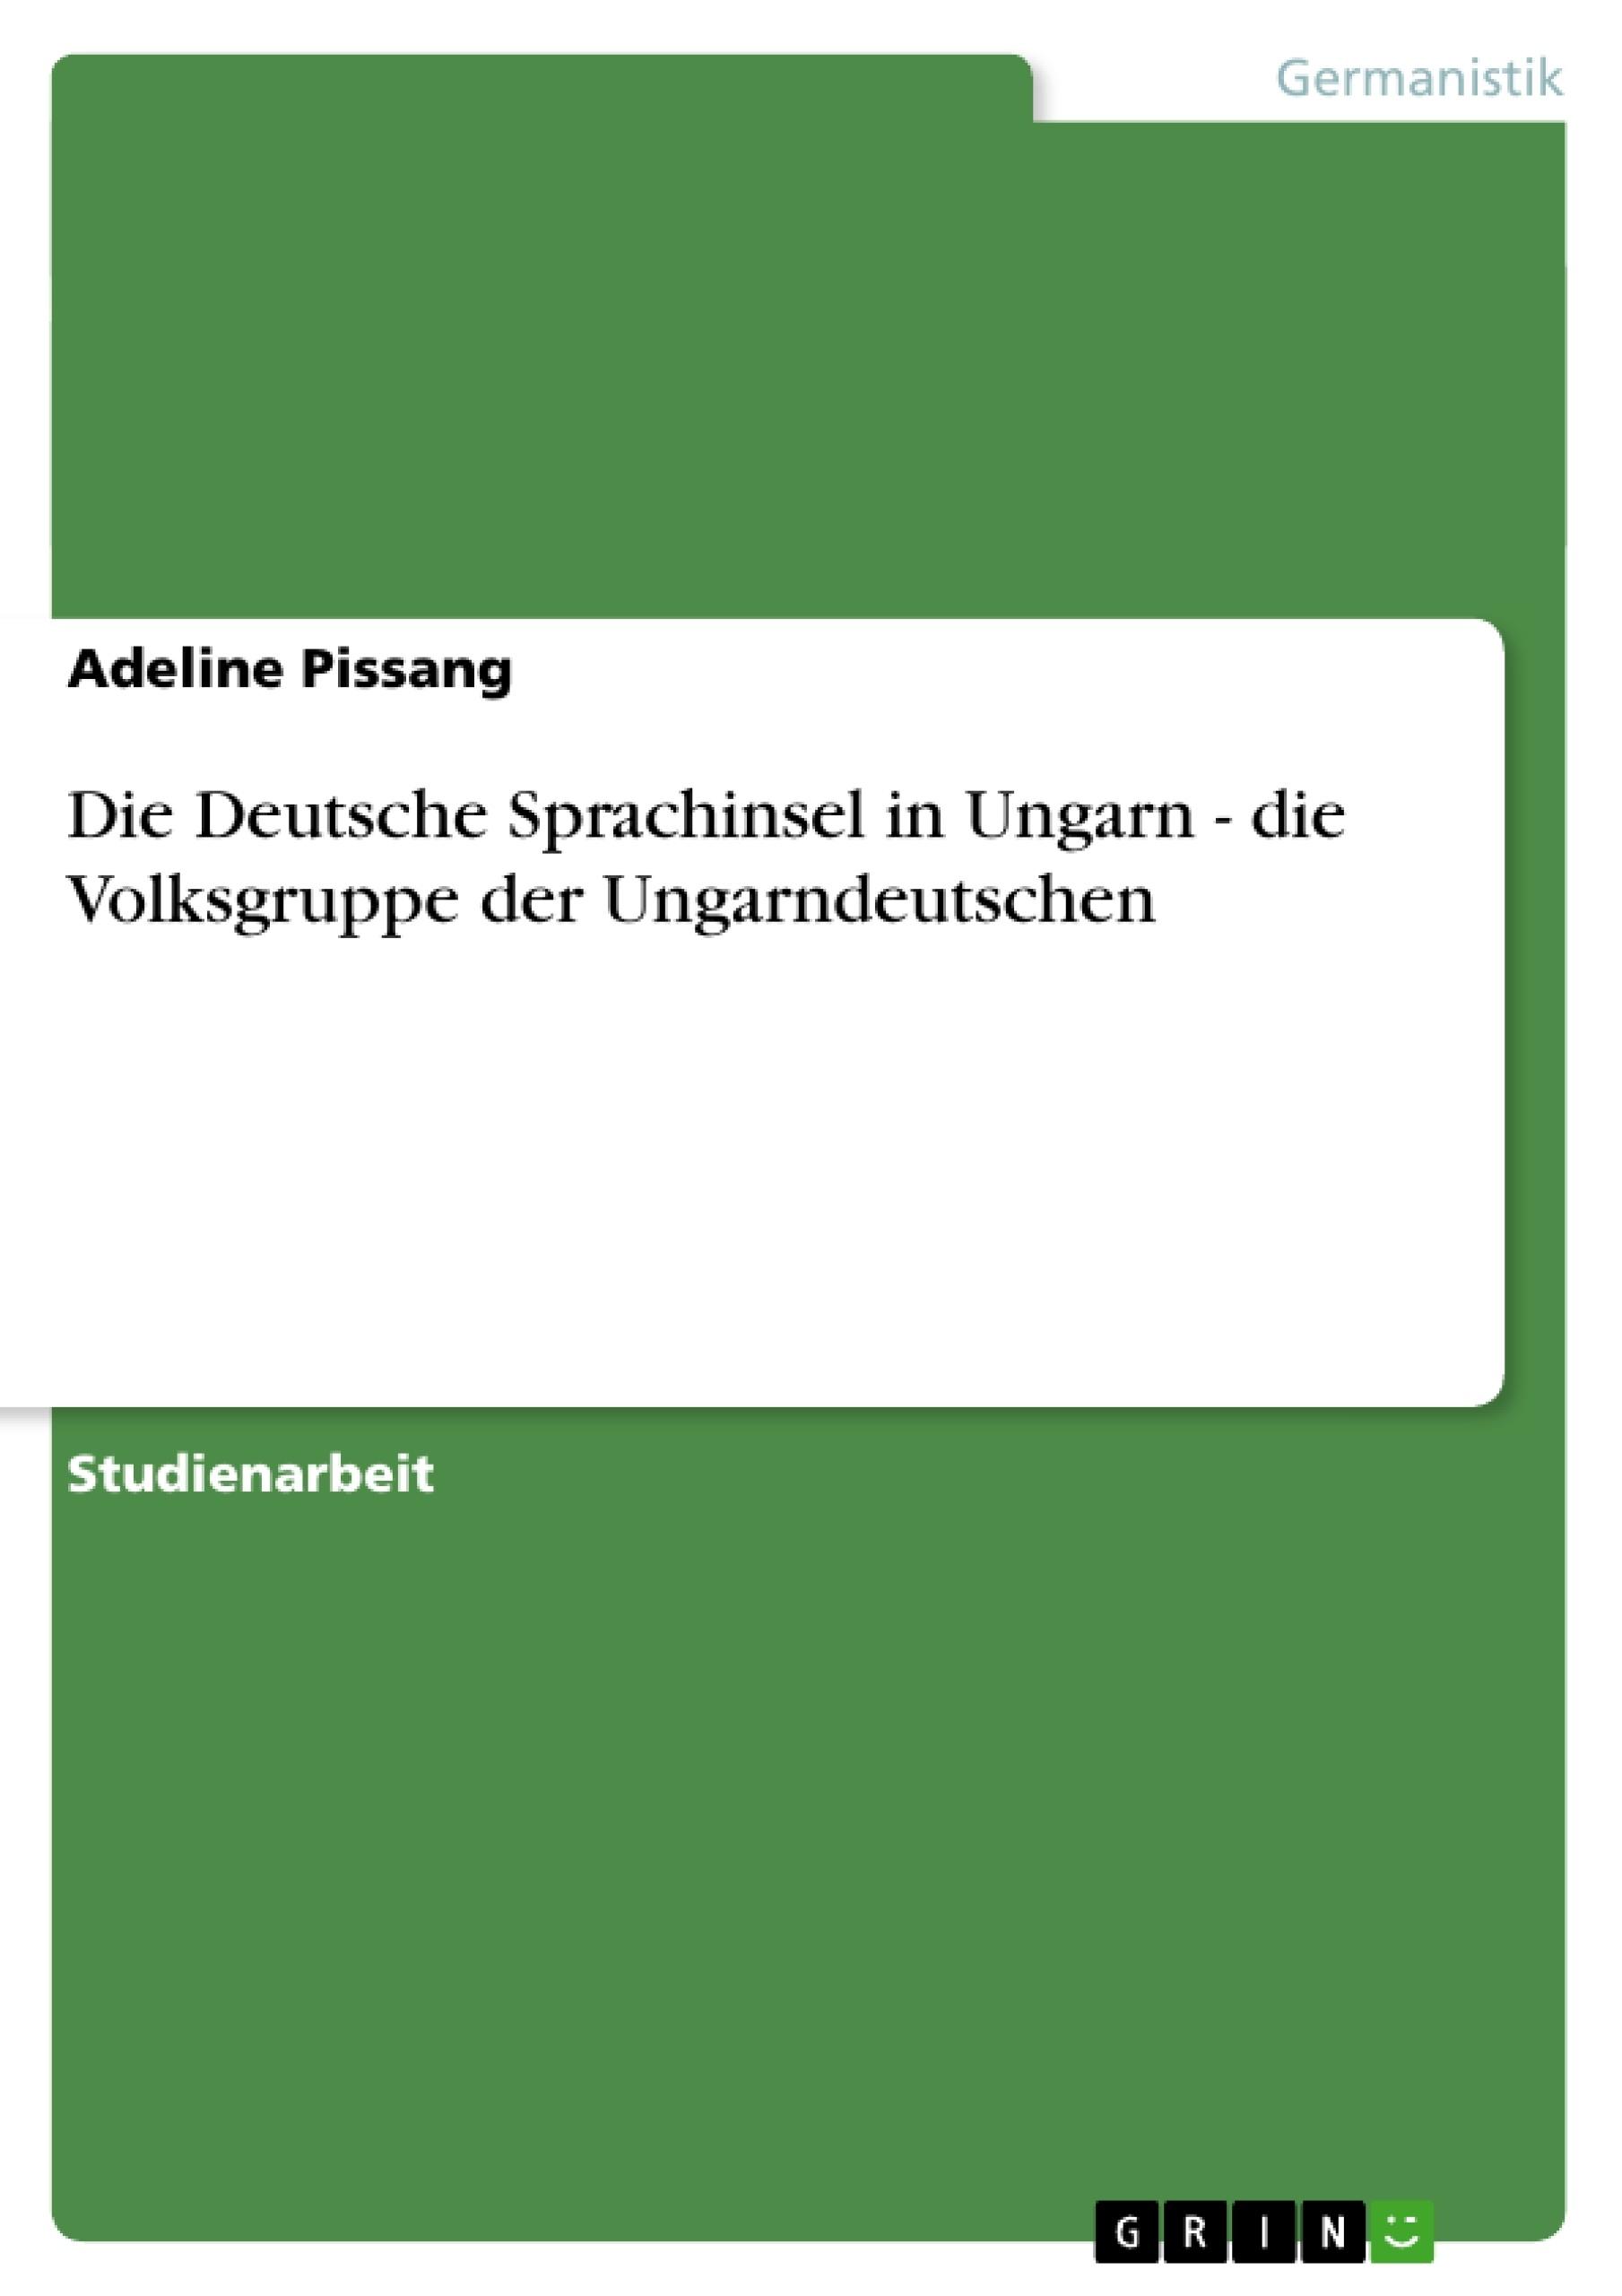 Titel: Die Deutsche Sprachinsel in Ungarn - die Volksgruppe der Ungarndeutschen